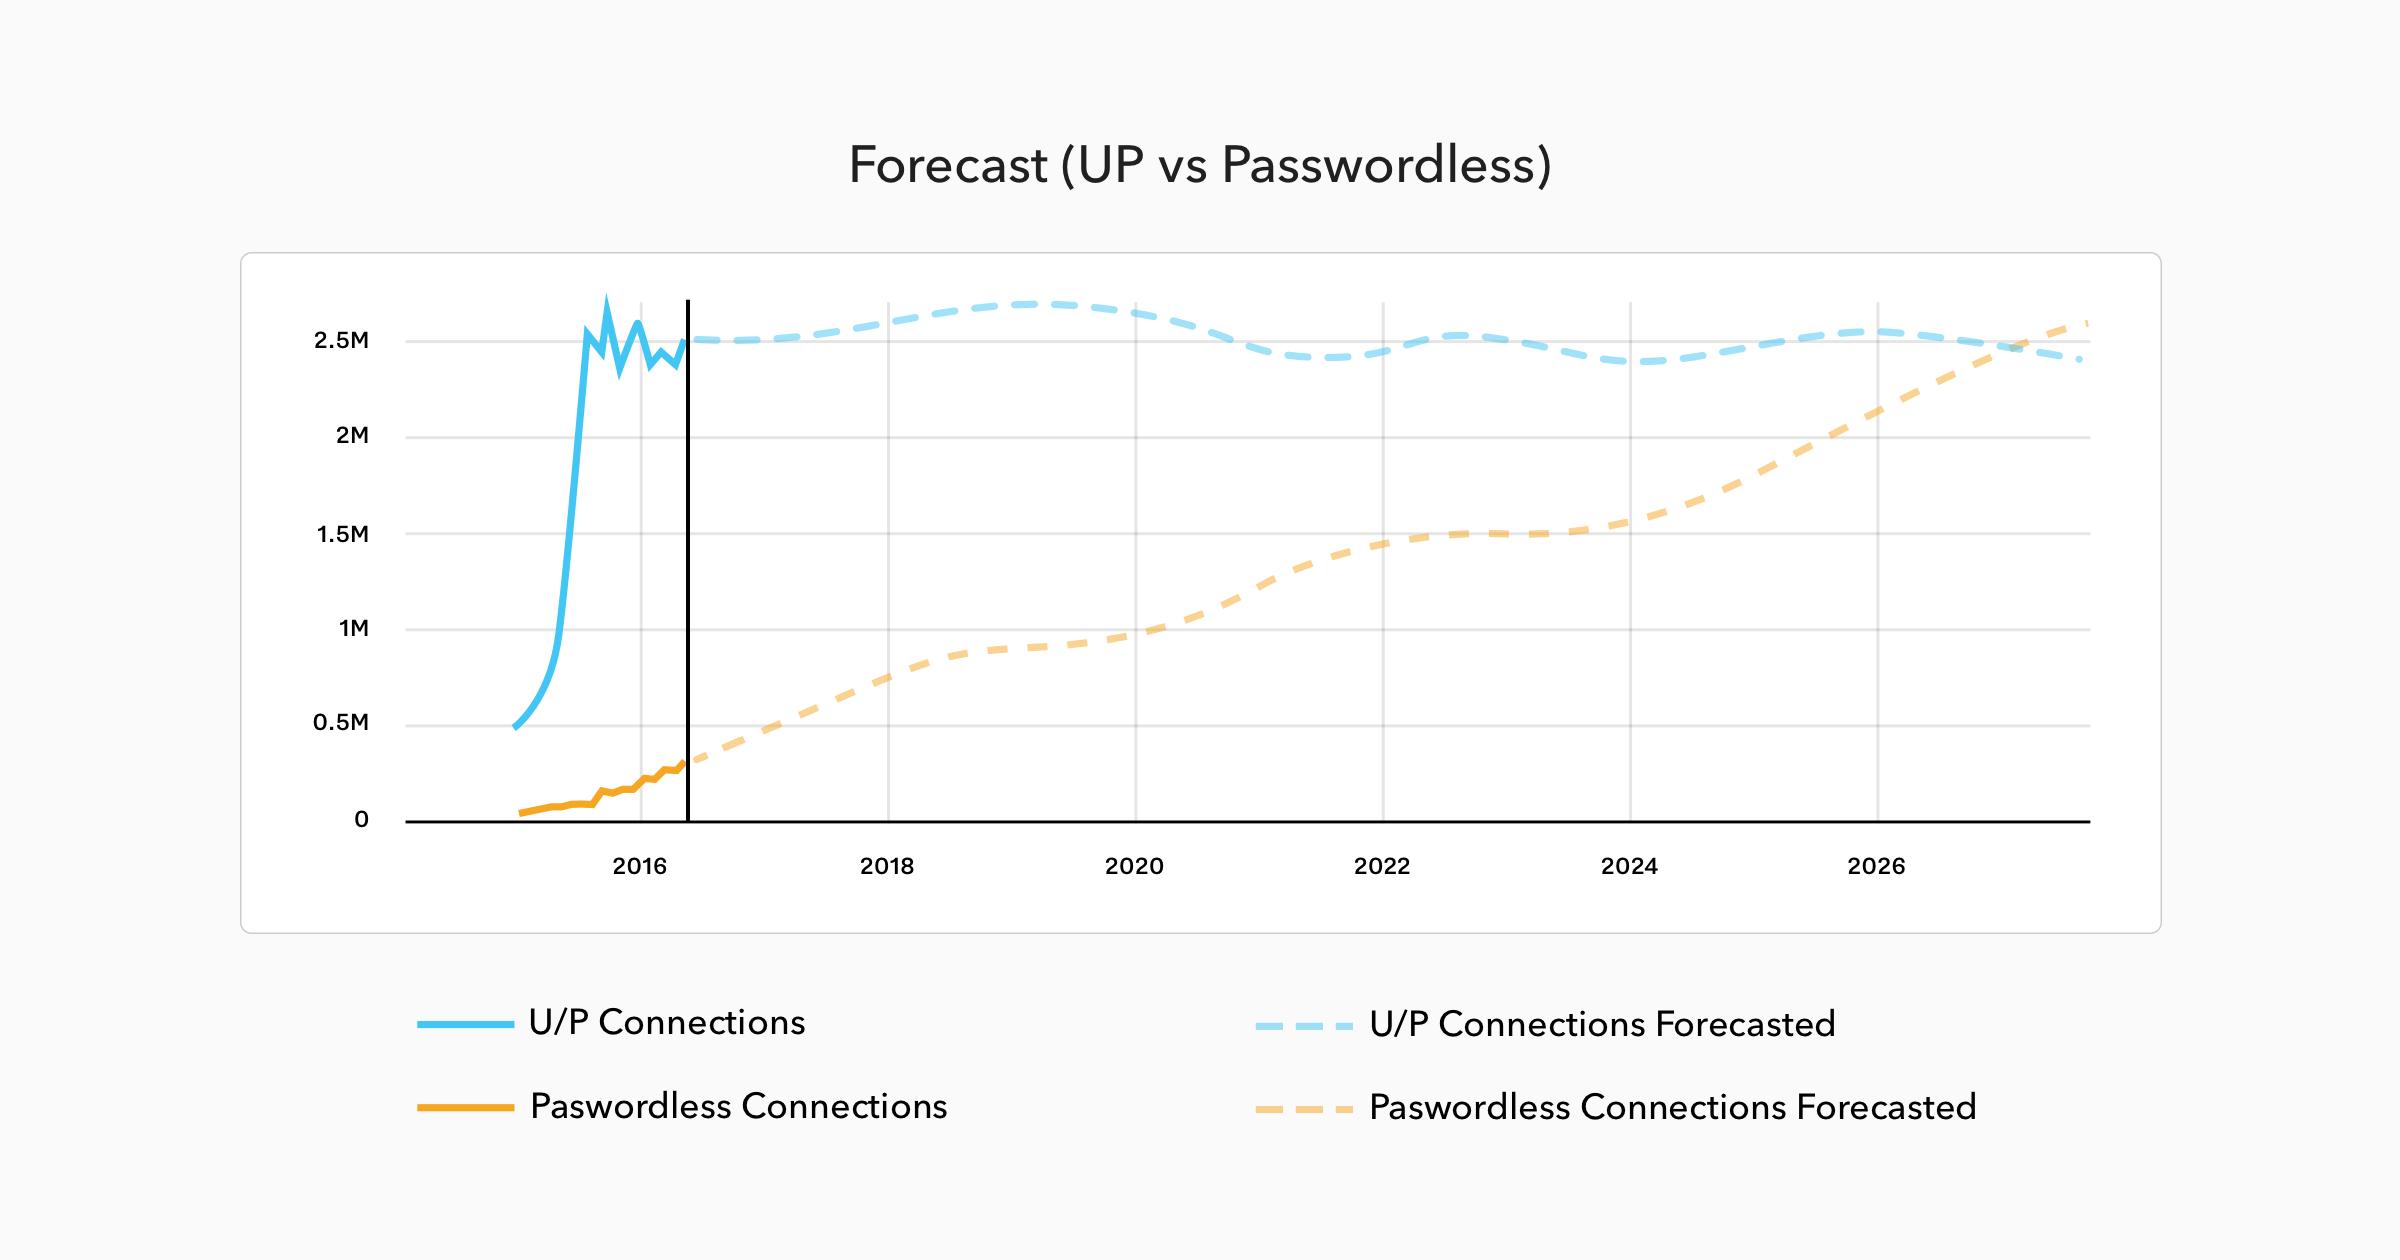 Forecast username & password vs Passwordless